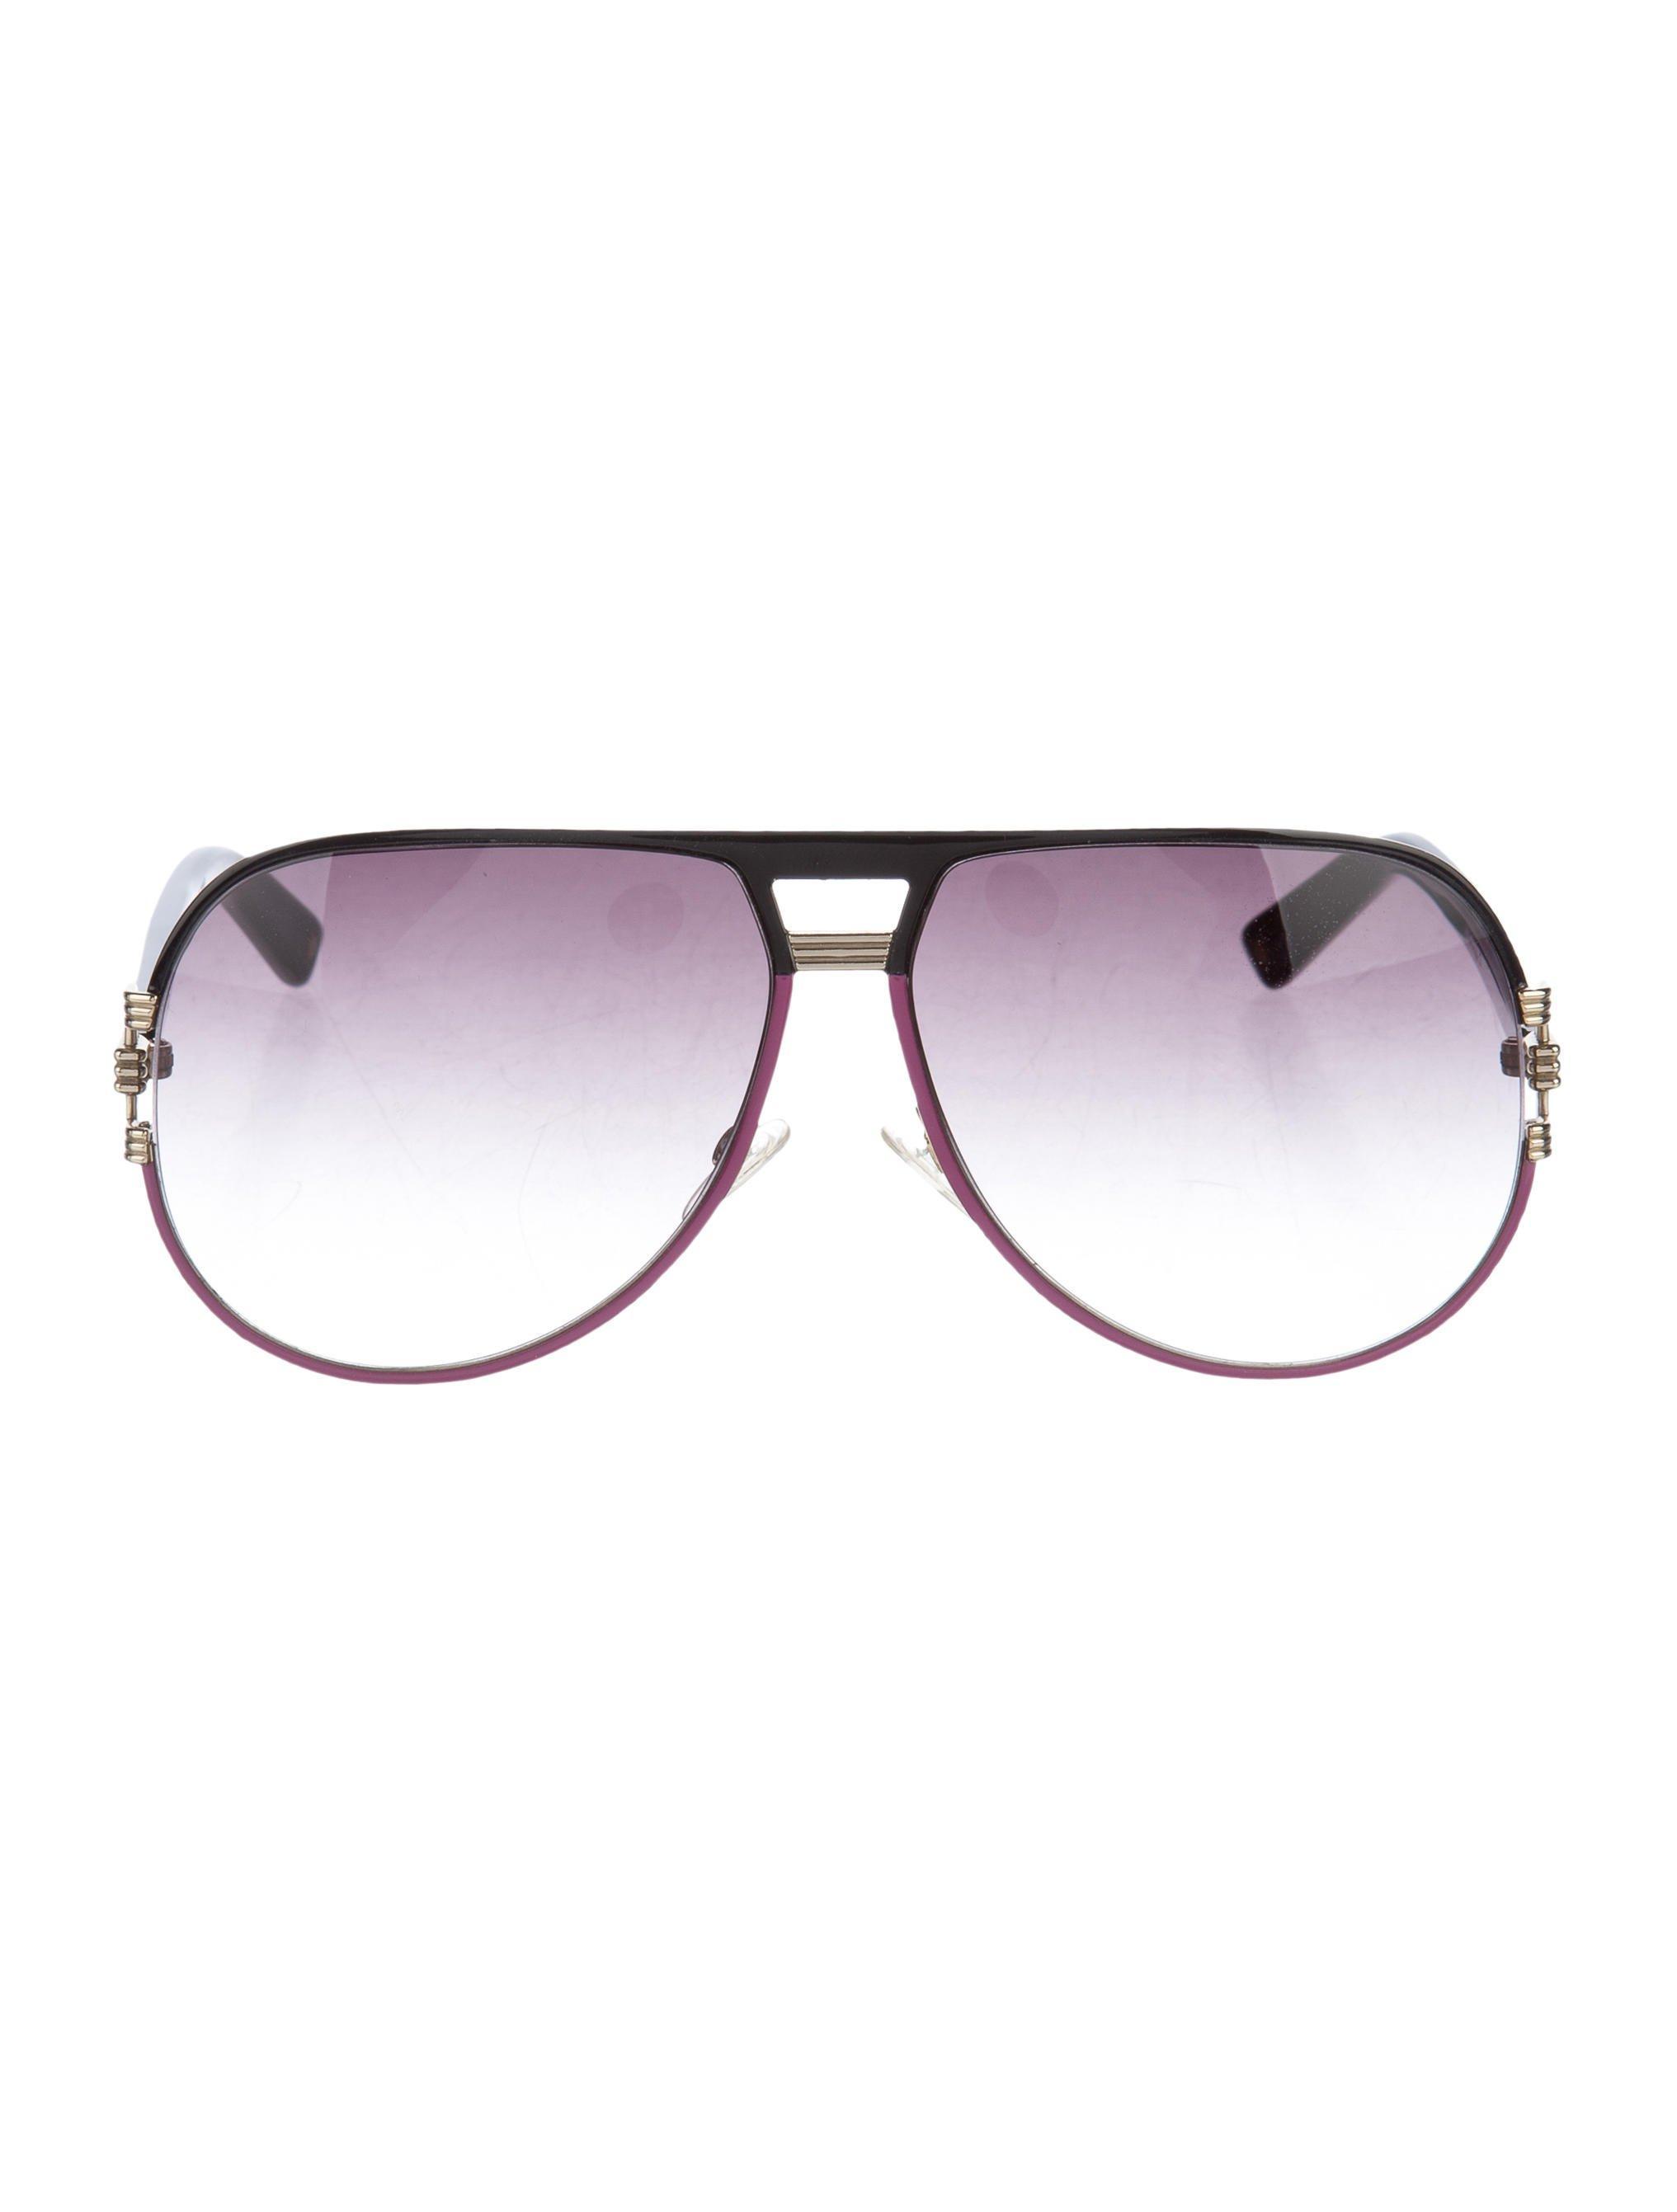 cf276fc6af98 Lyst - Dior Graphix 2 Aviator Sunglasses Gold in Metallic